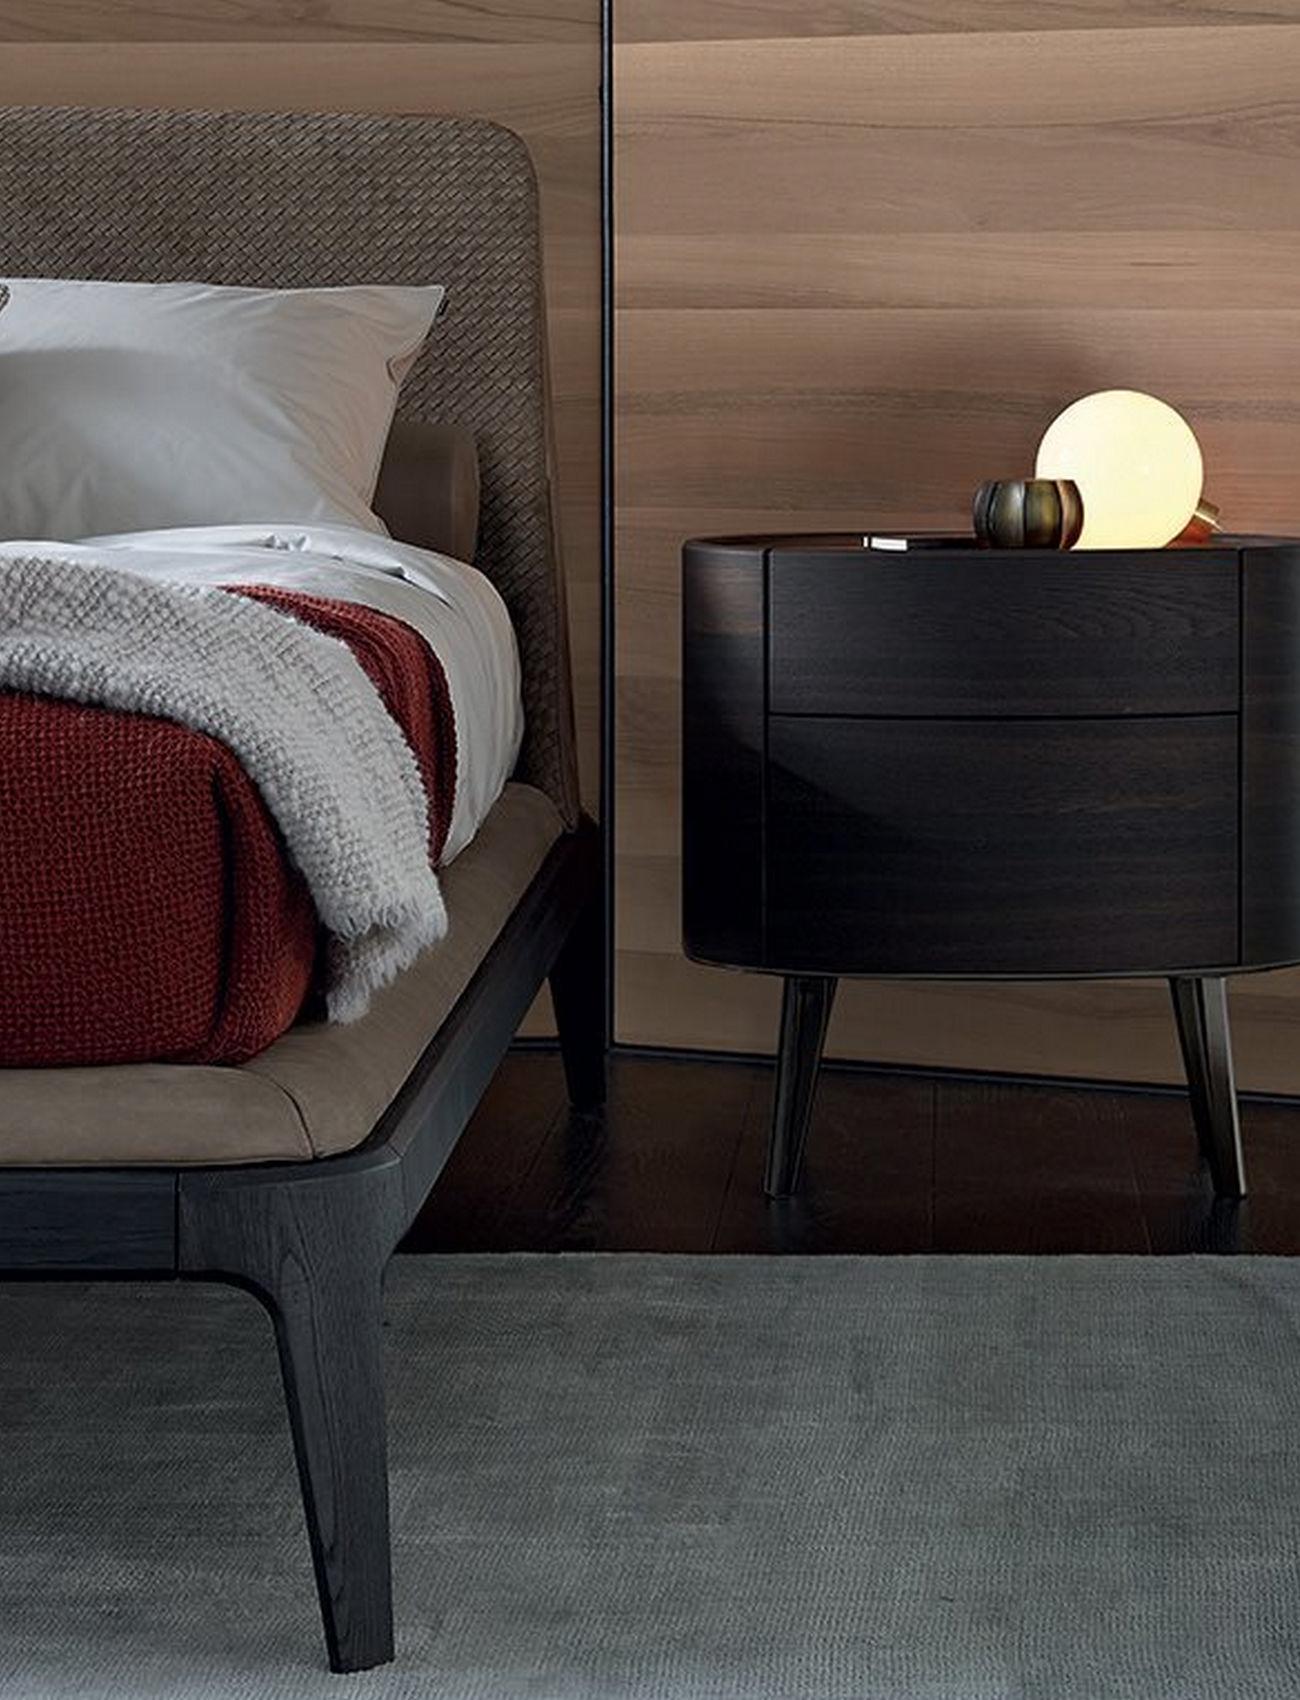 Bedroom / Storage